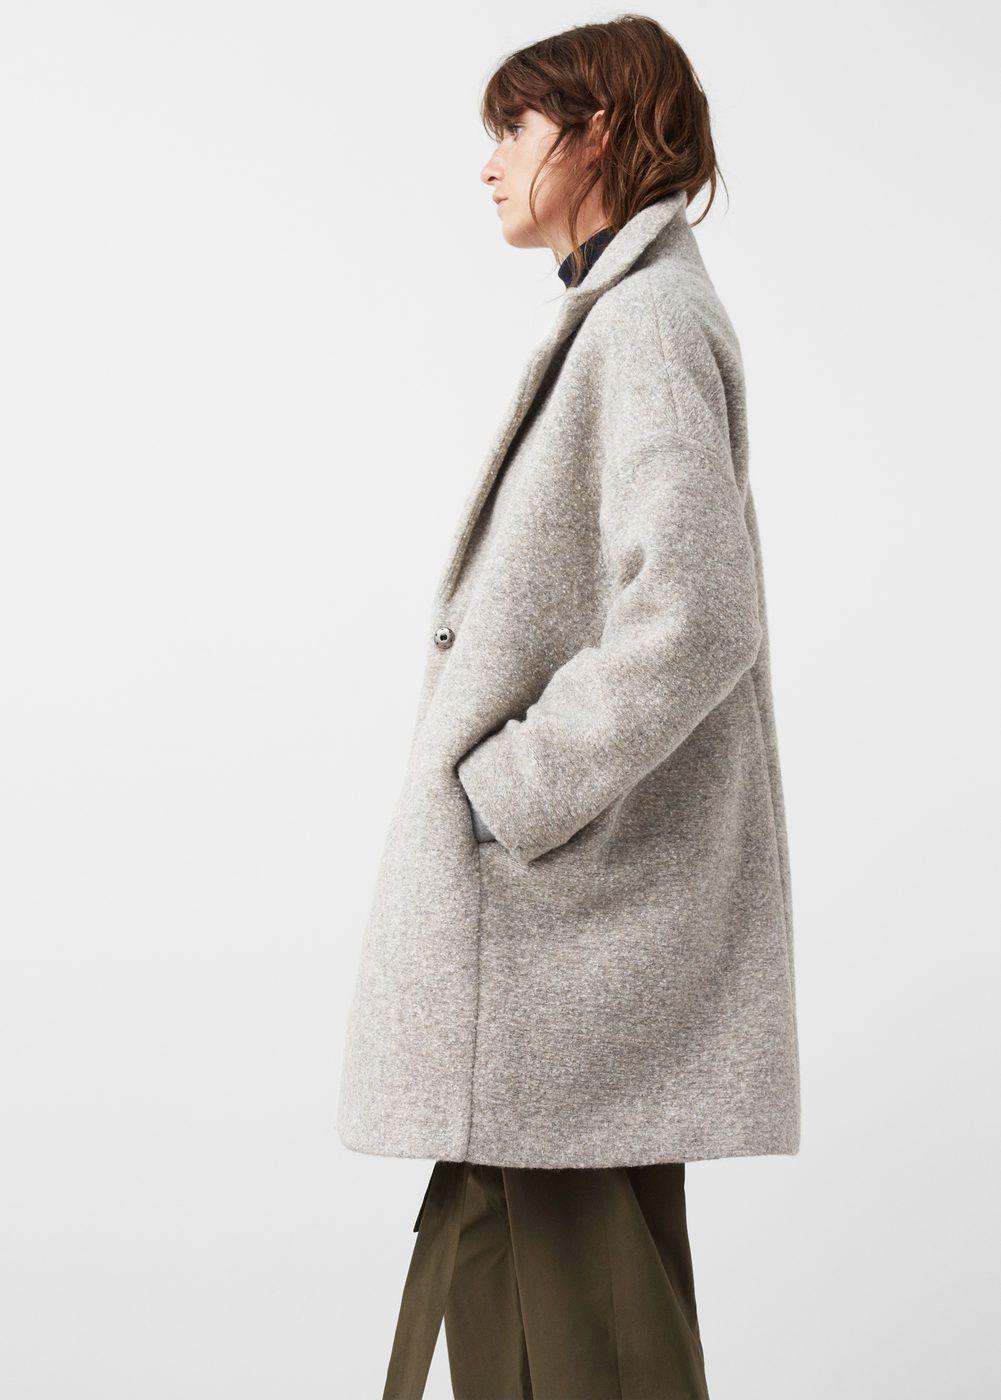 fae26f536196e Manteau laine revers - Femme   Vestes, Coiffures et Mode